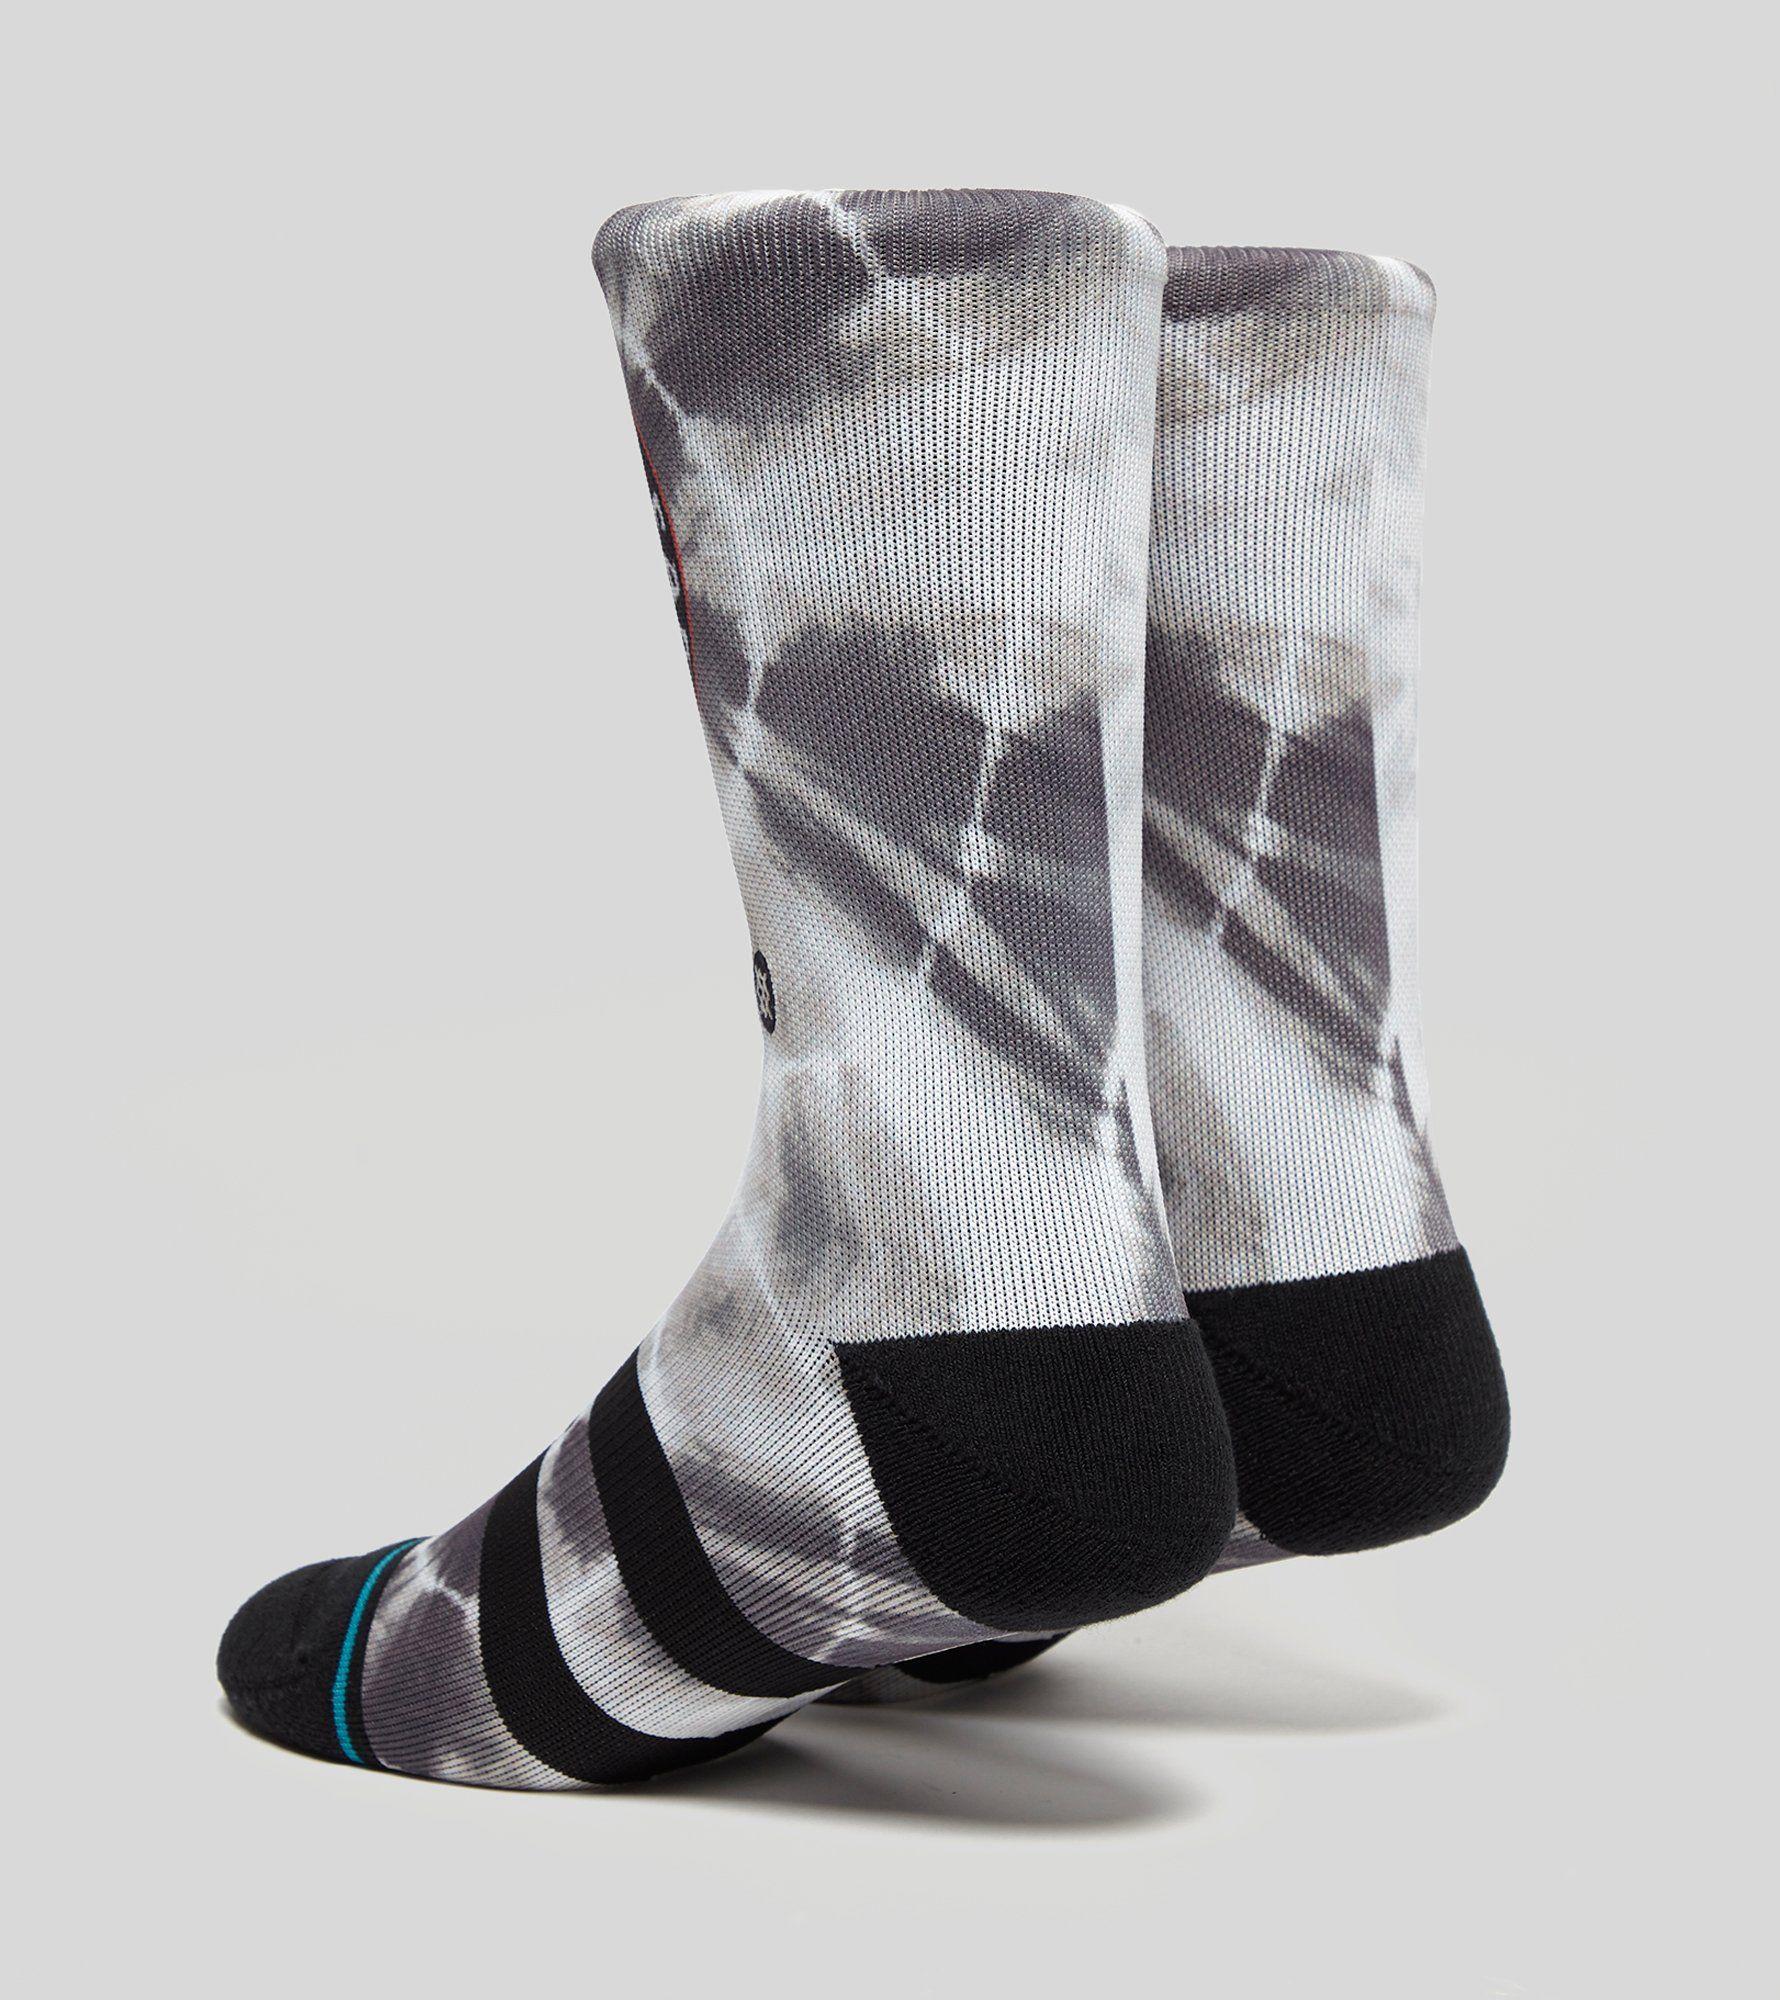 Stance x Grateful Dead Dye Sock